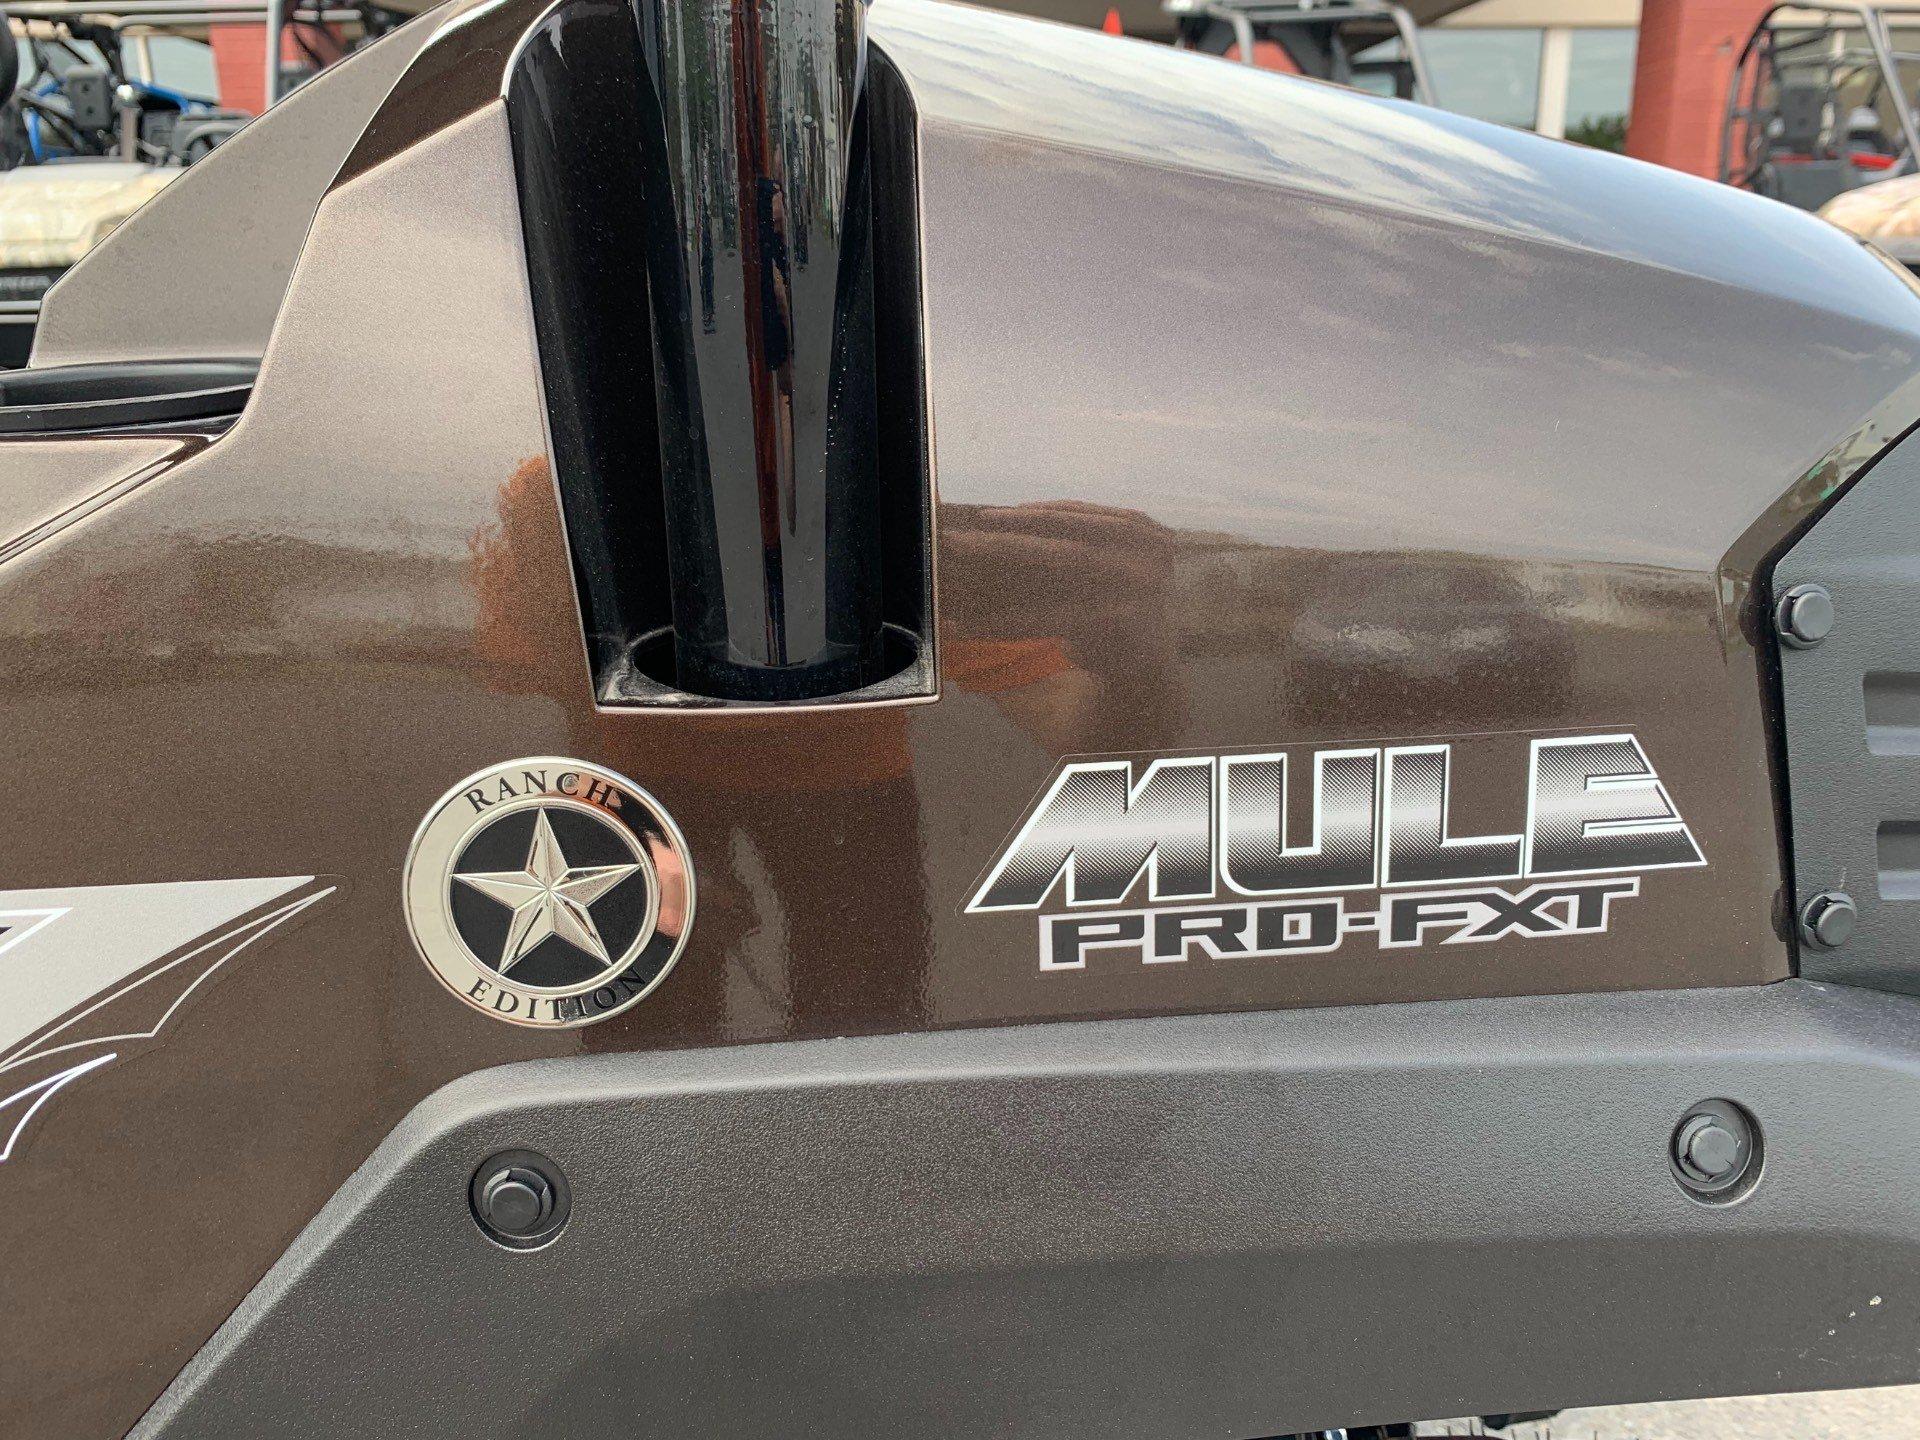 2019 Kawasaki Mule PRO-FXT Ranch Edition 5